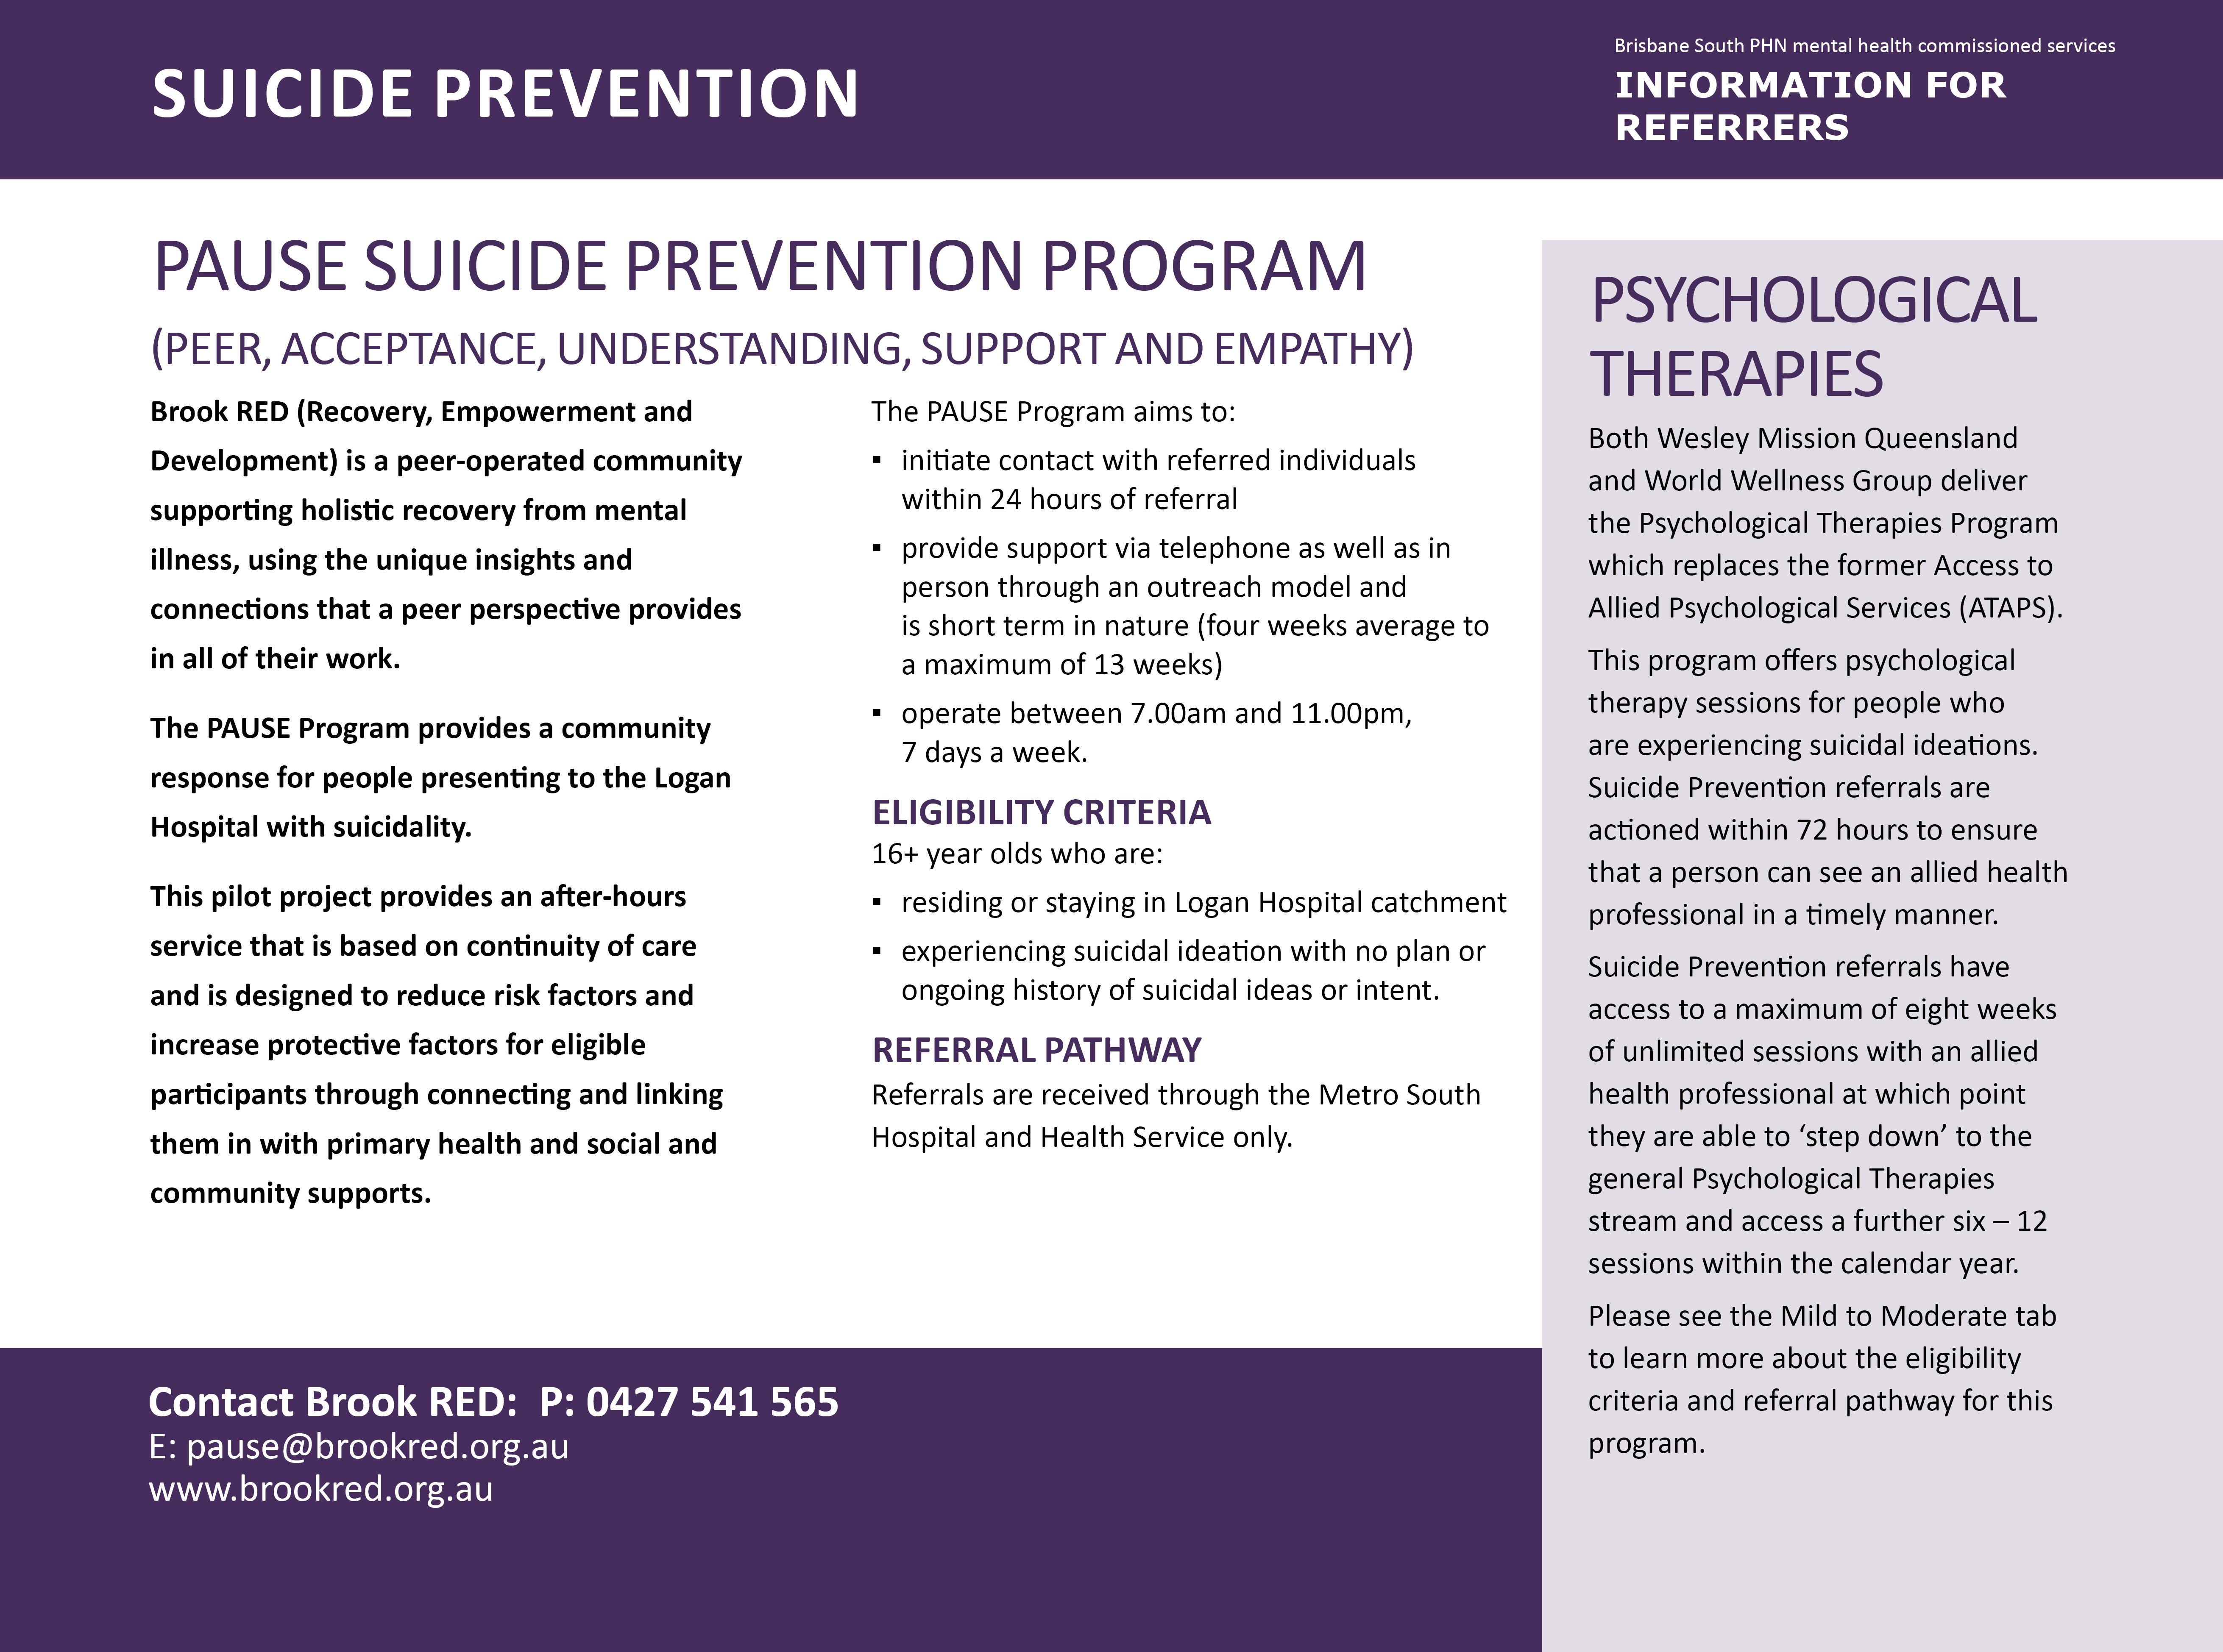 PAUSE suicide prevention program